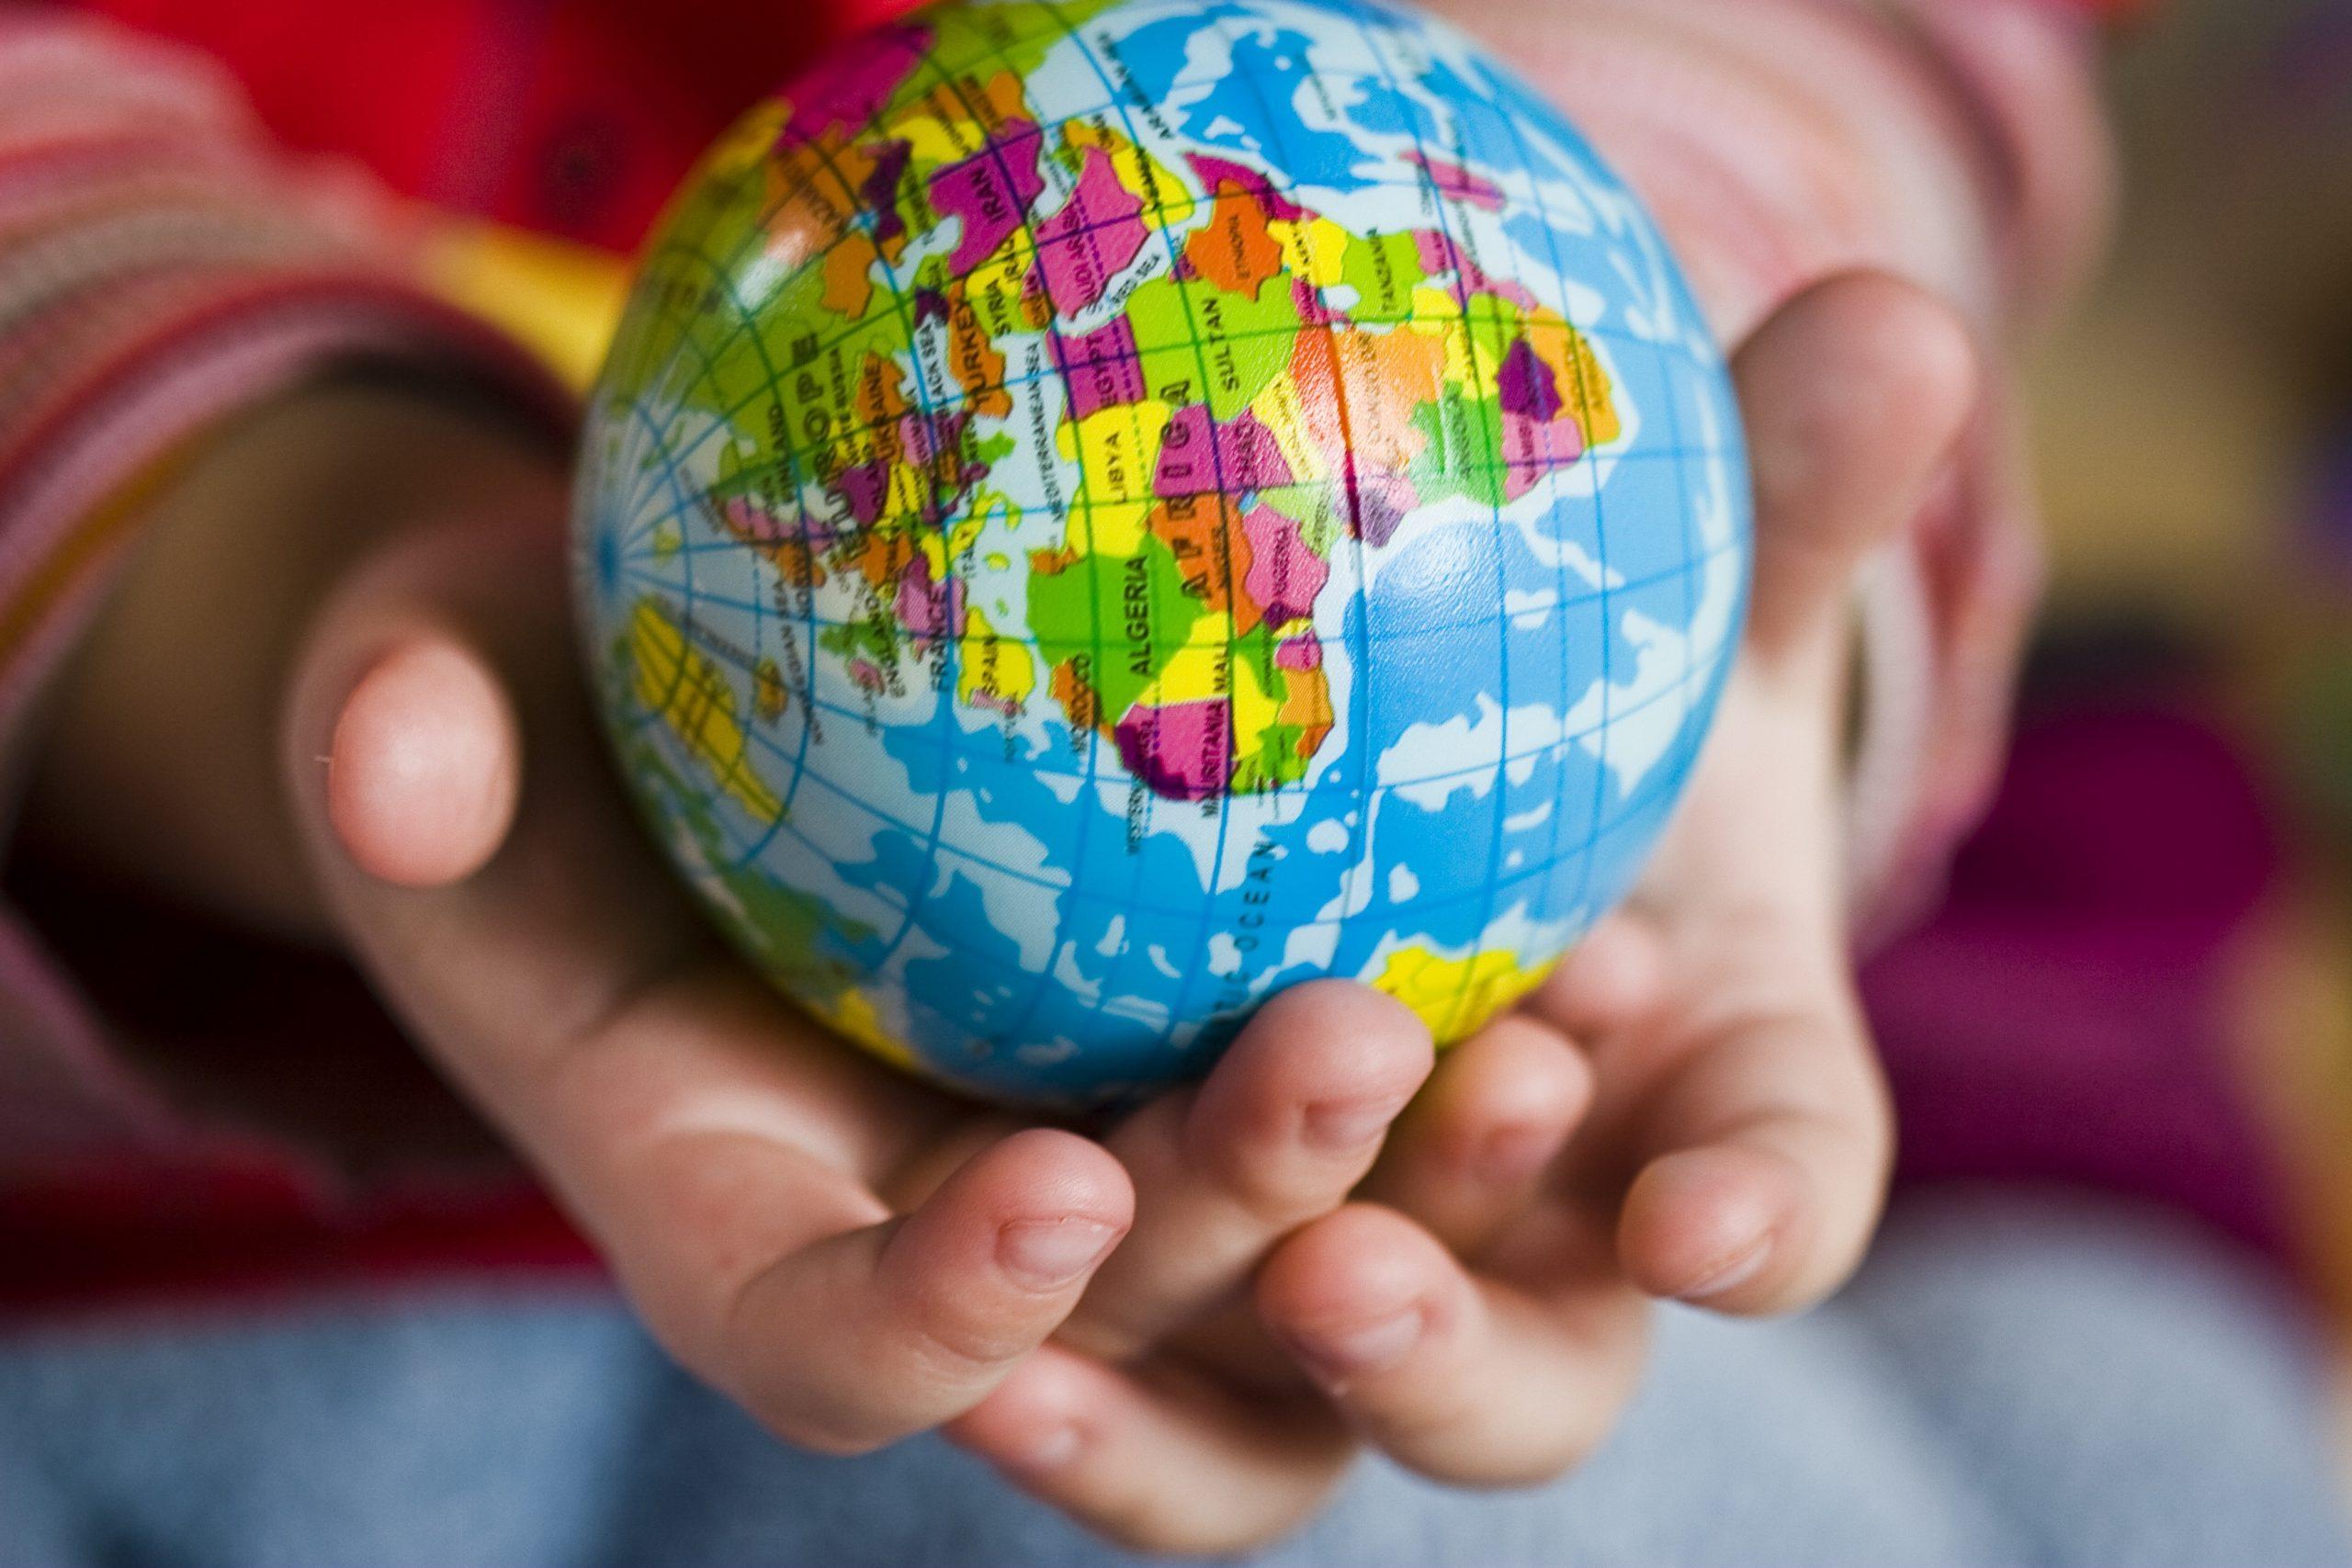 hand, world, ball